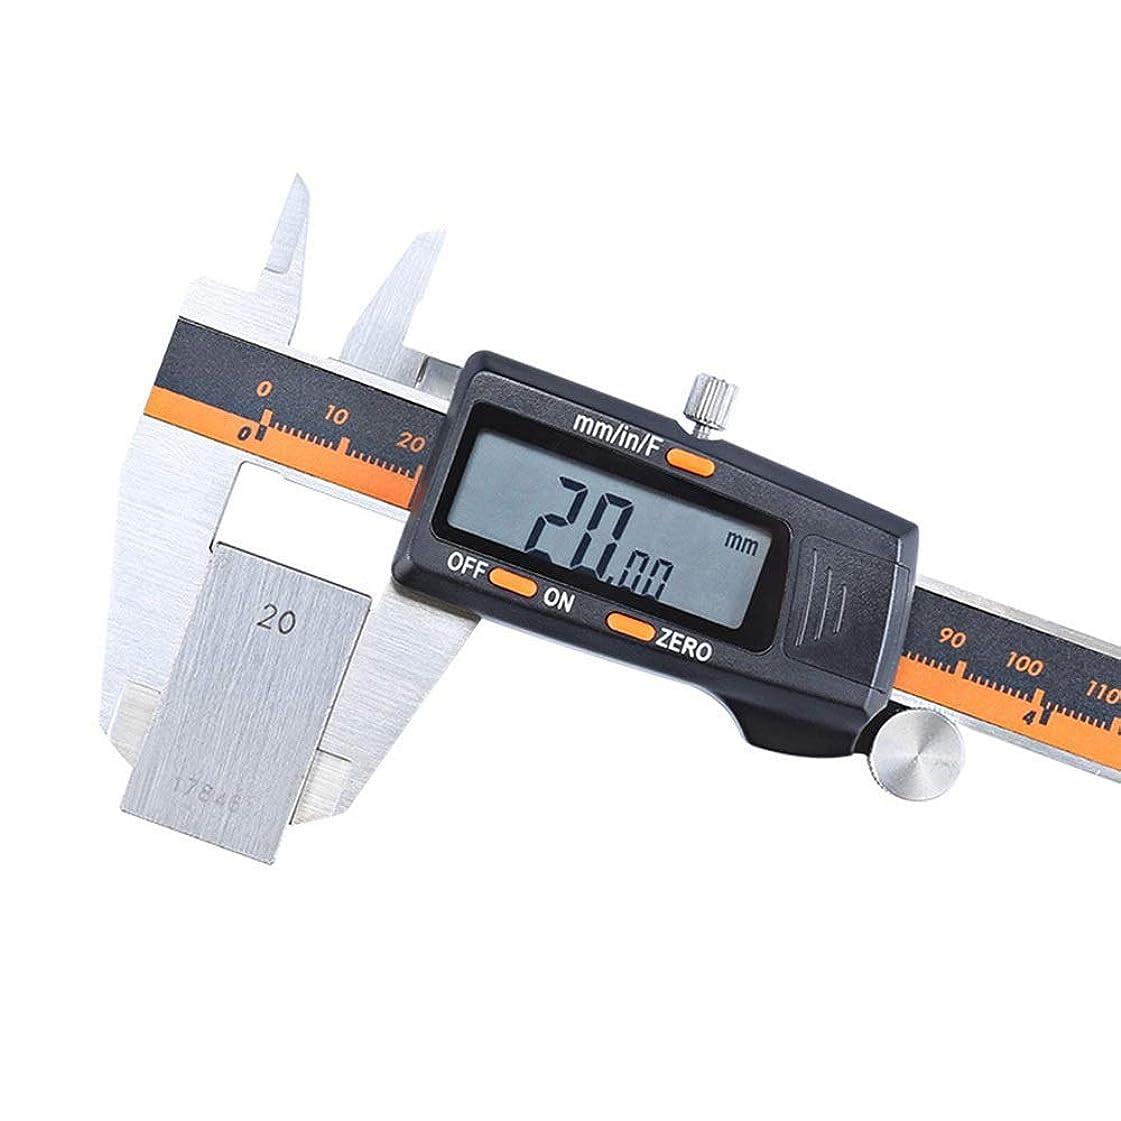 匿名高層ビル寺院DECETAZY 測定 分数表示式デジタルキャリパー電子ノギス0?150ミリメートル(:0?150ミリメートルサイズ)ステンレス製デジタルノギス